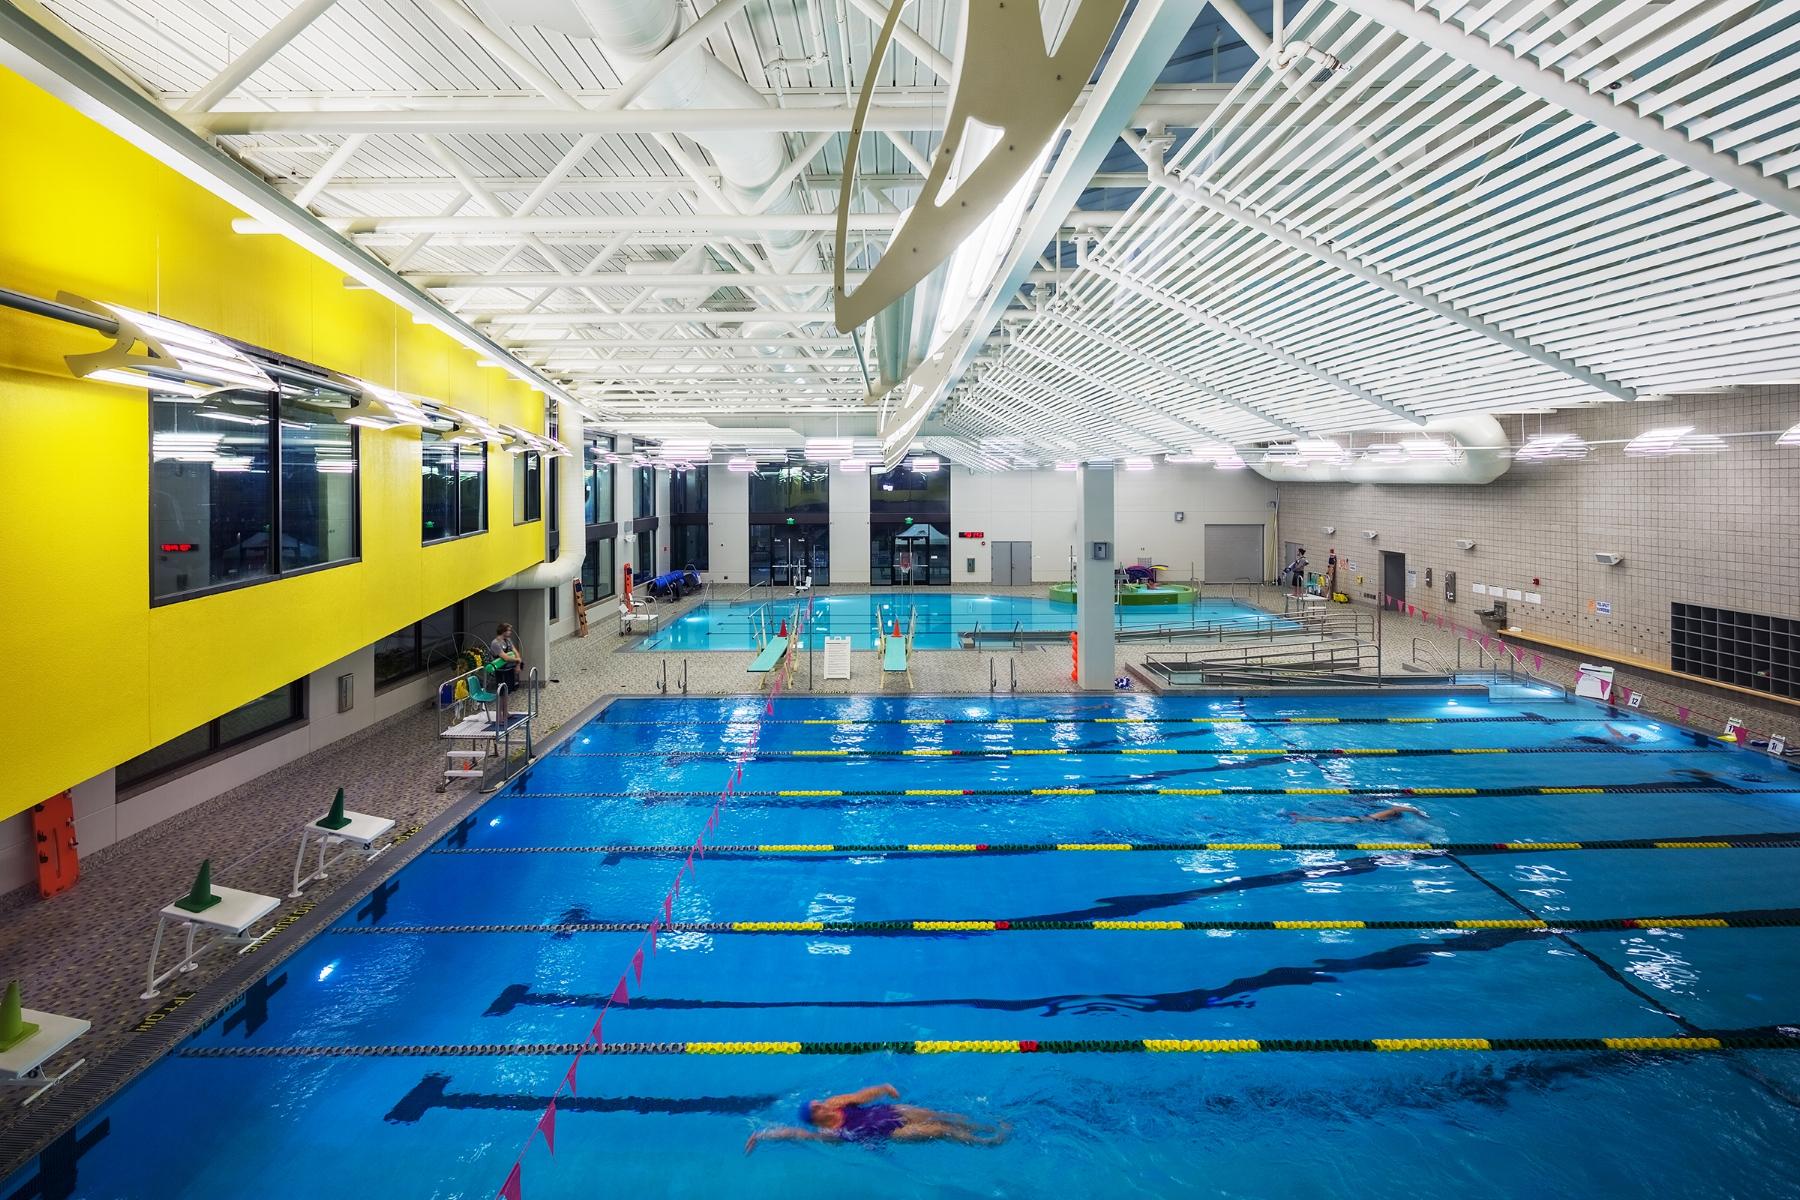 University of Oregon Student Recreation Center, Eugene, Oregon